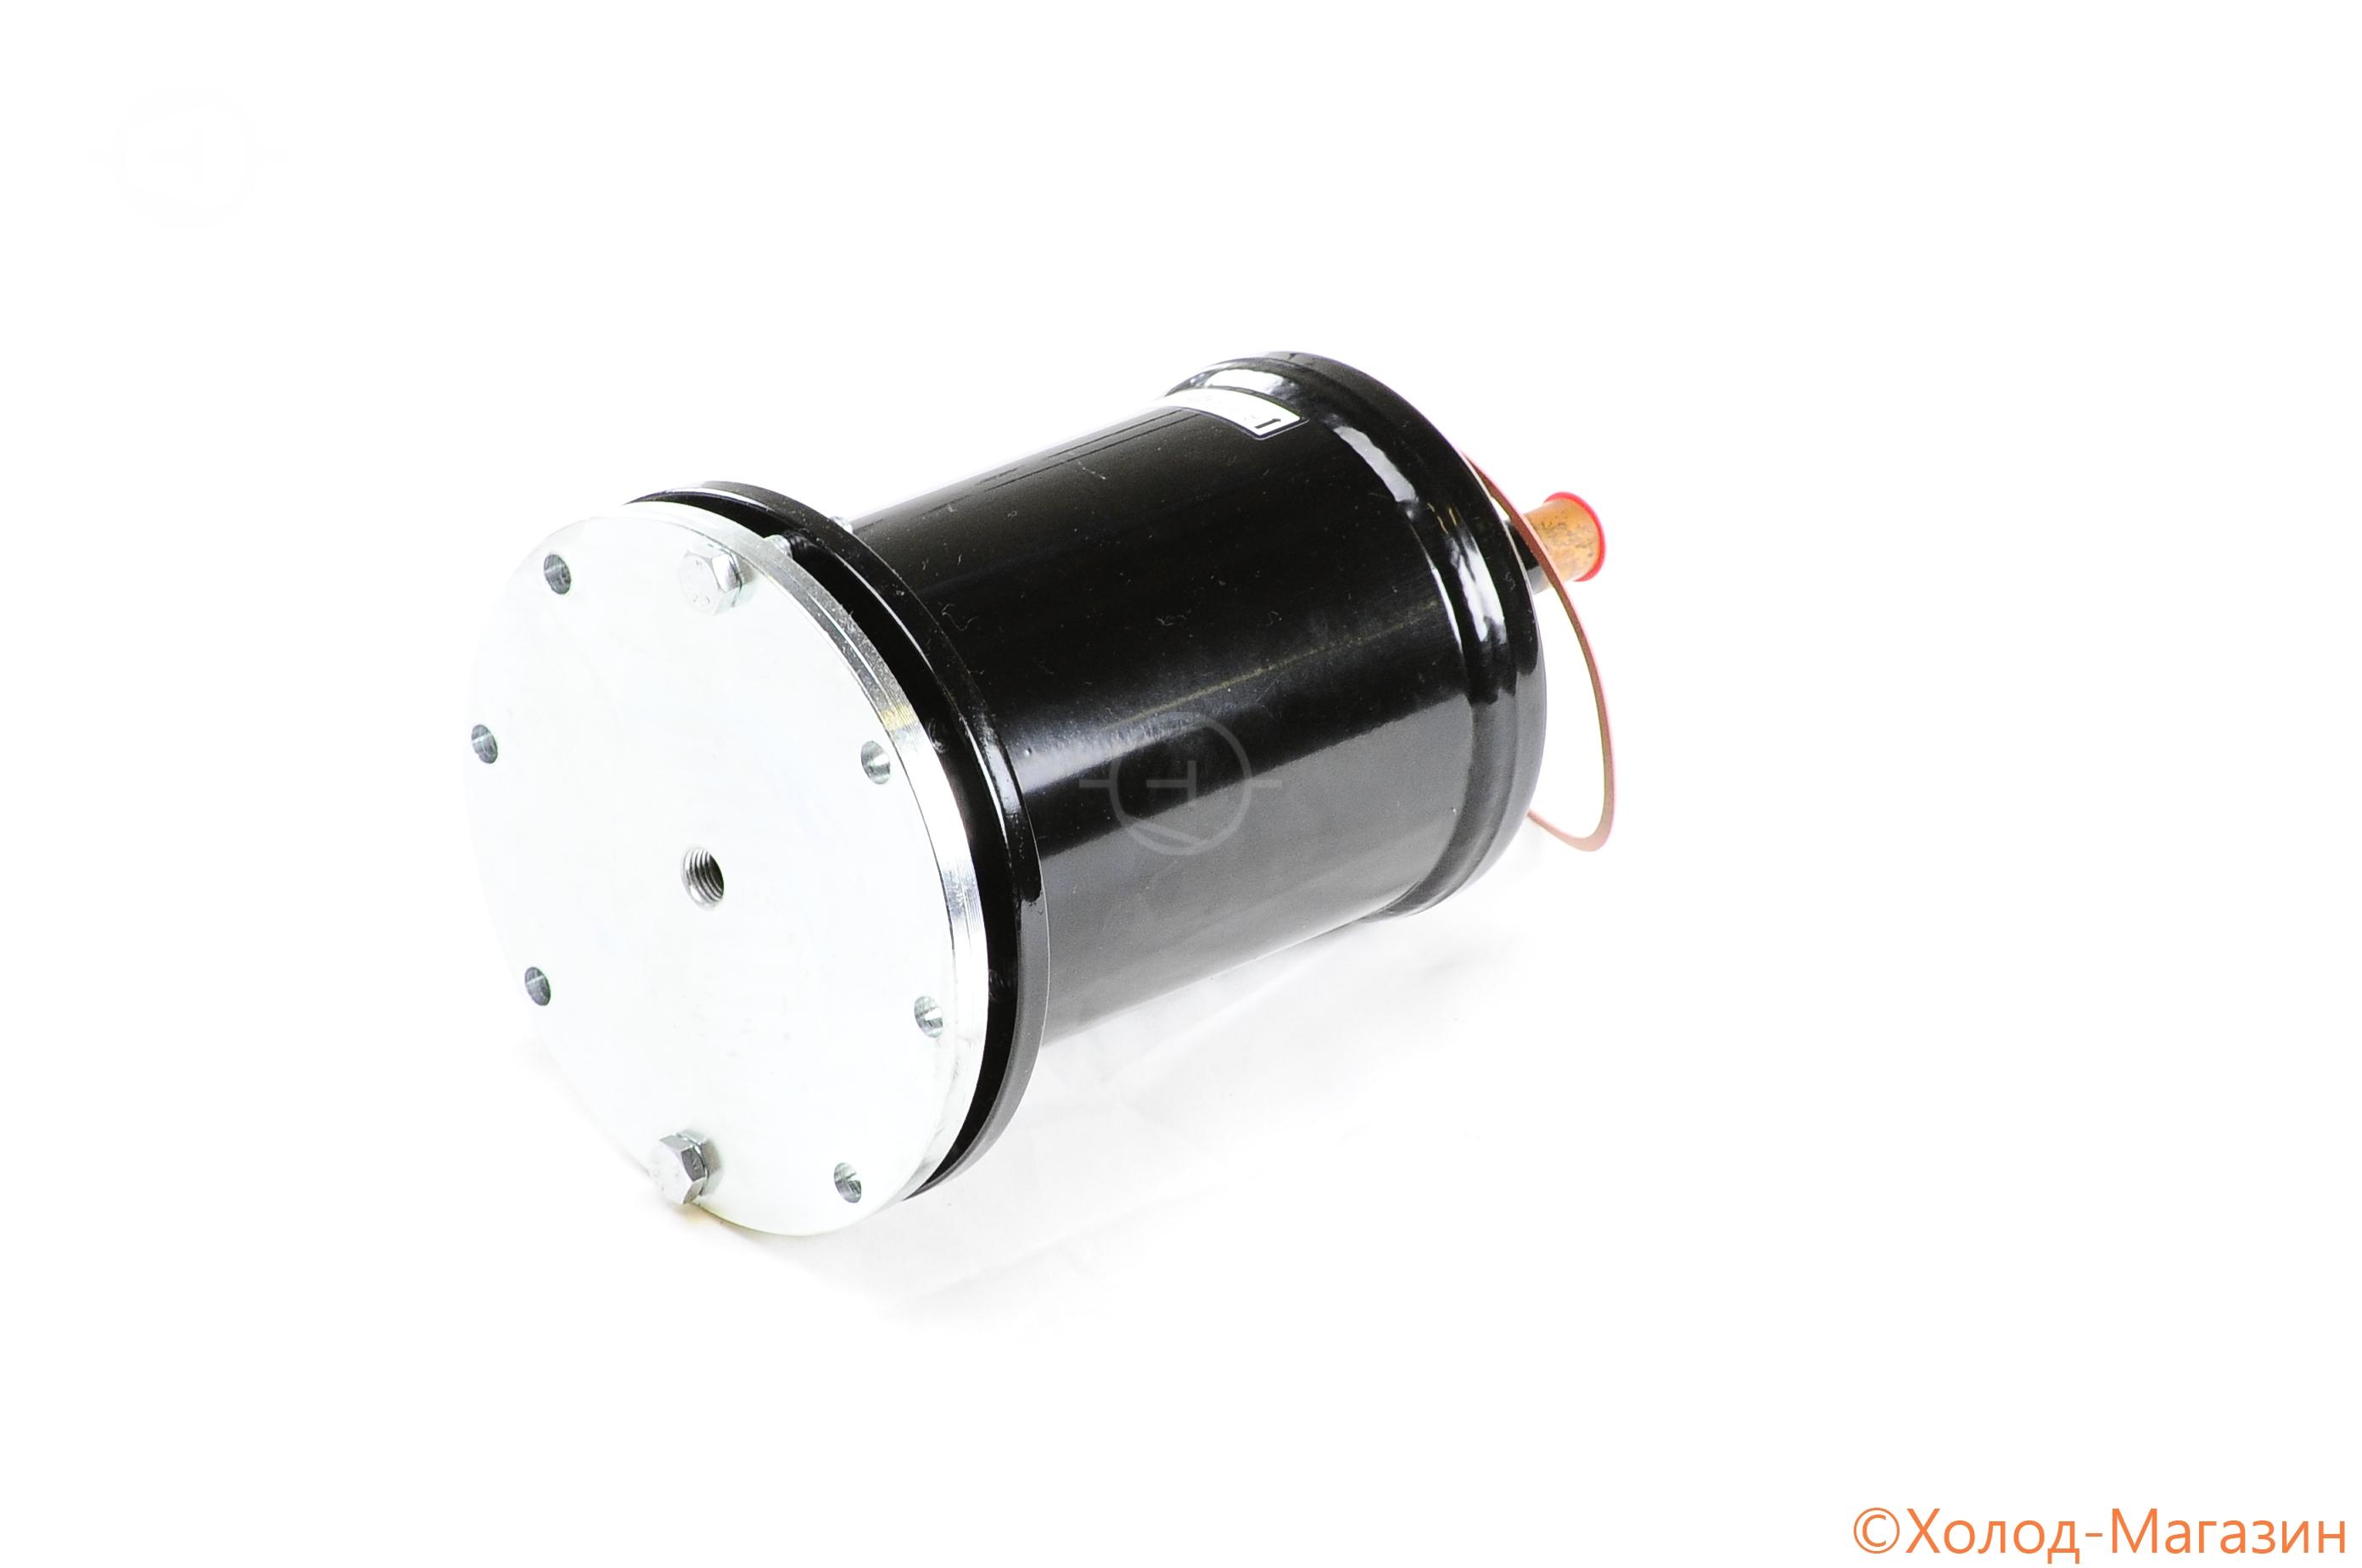 """Фильтр разборный DCR D16 (5/8"""") 48-1 0485s, Danfoss"""